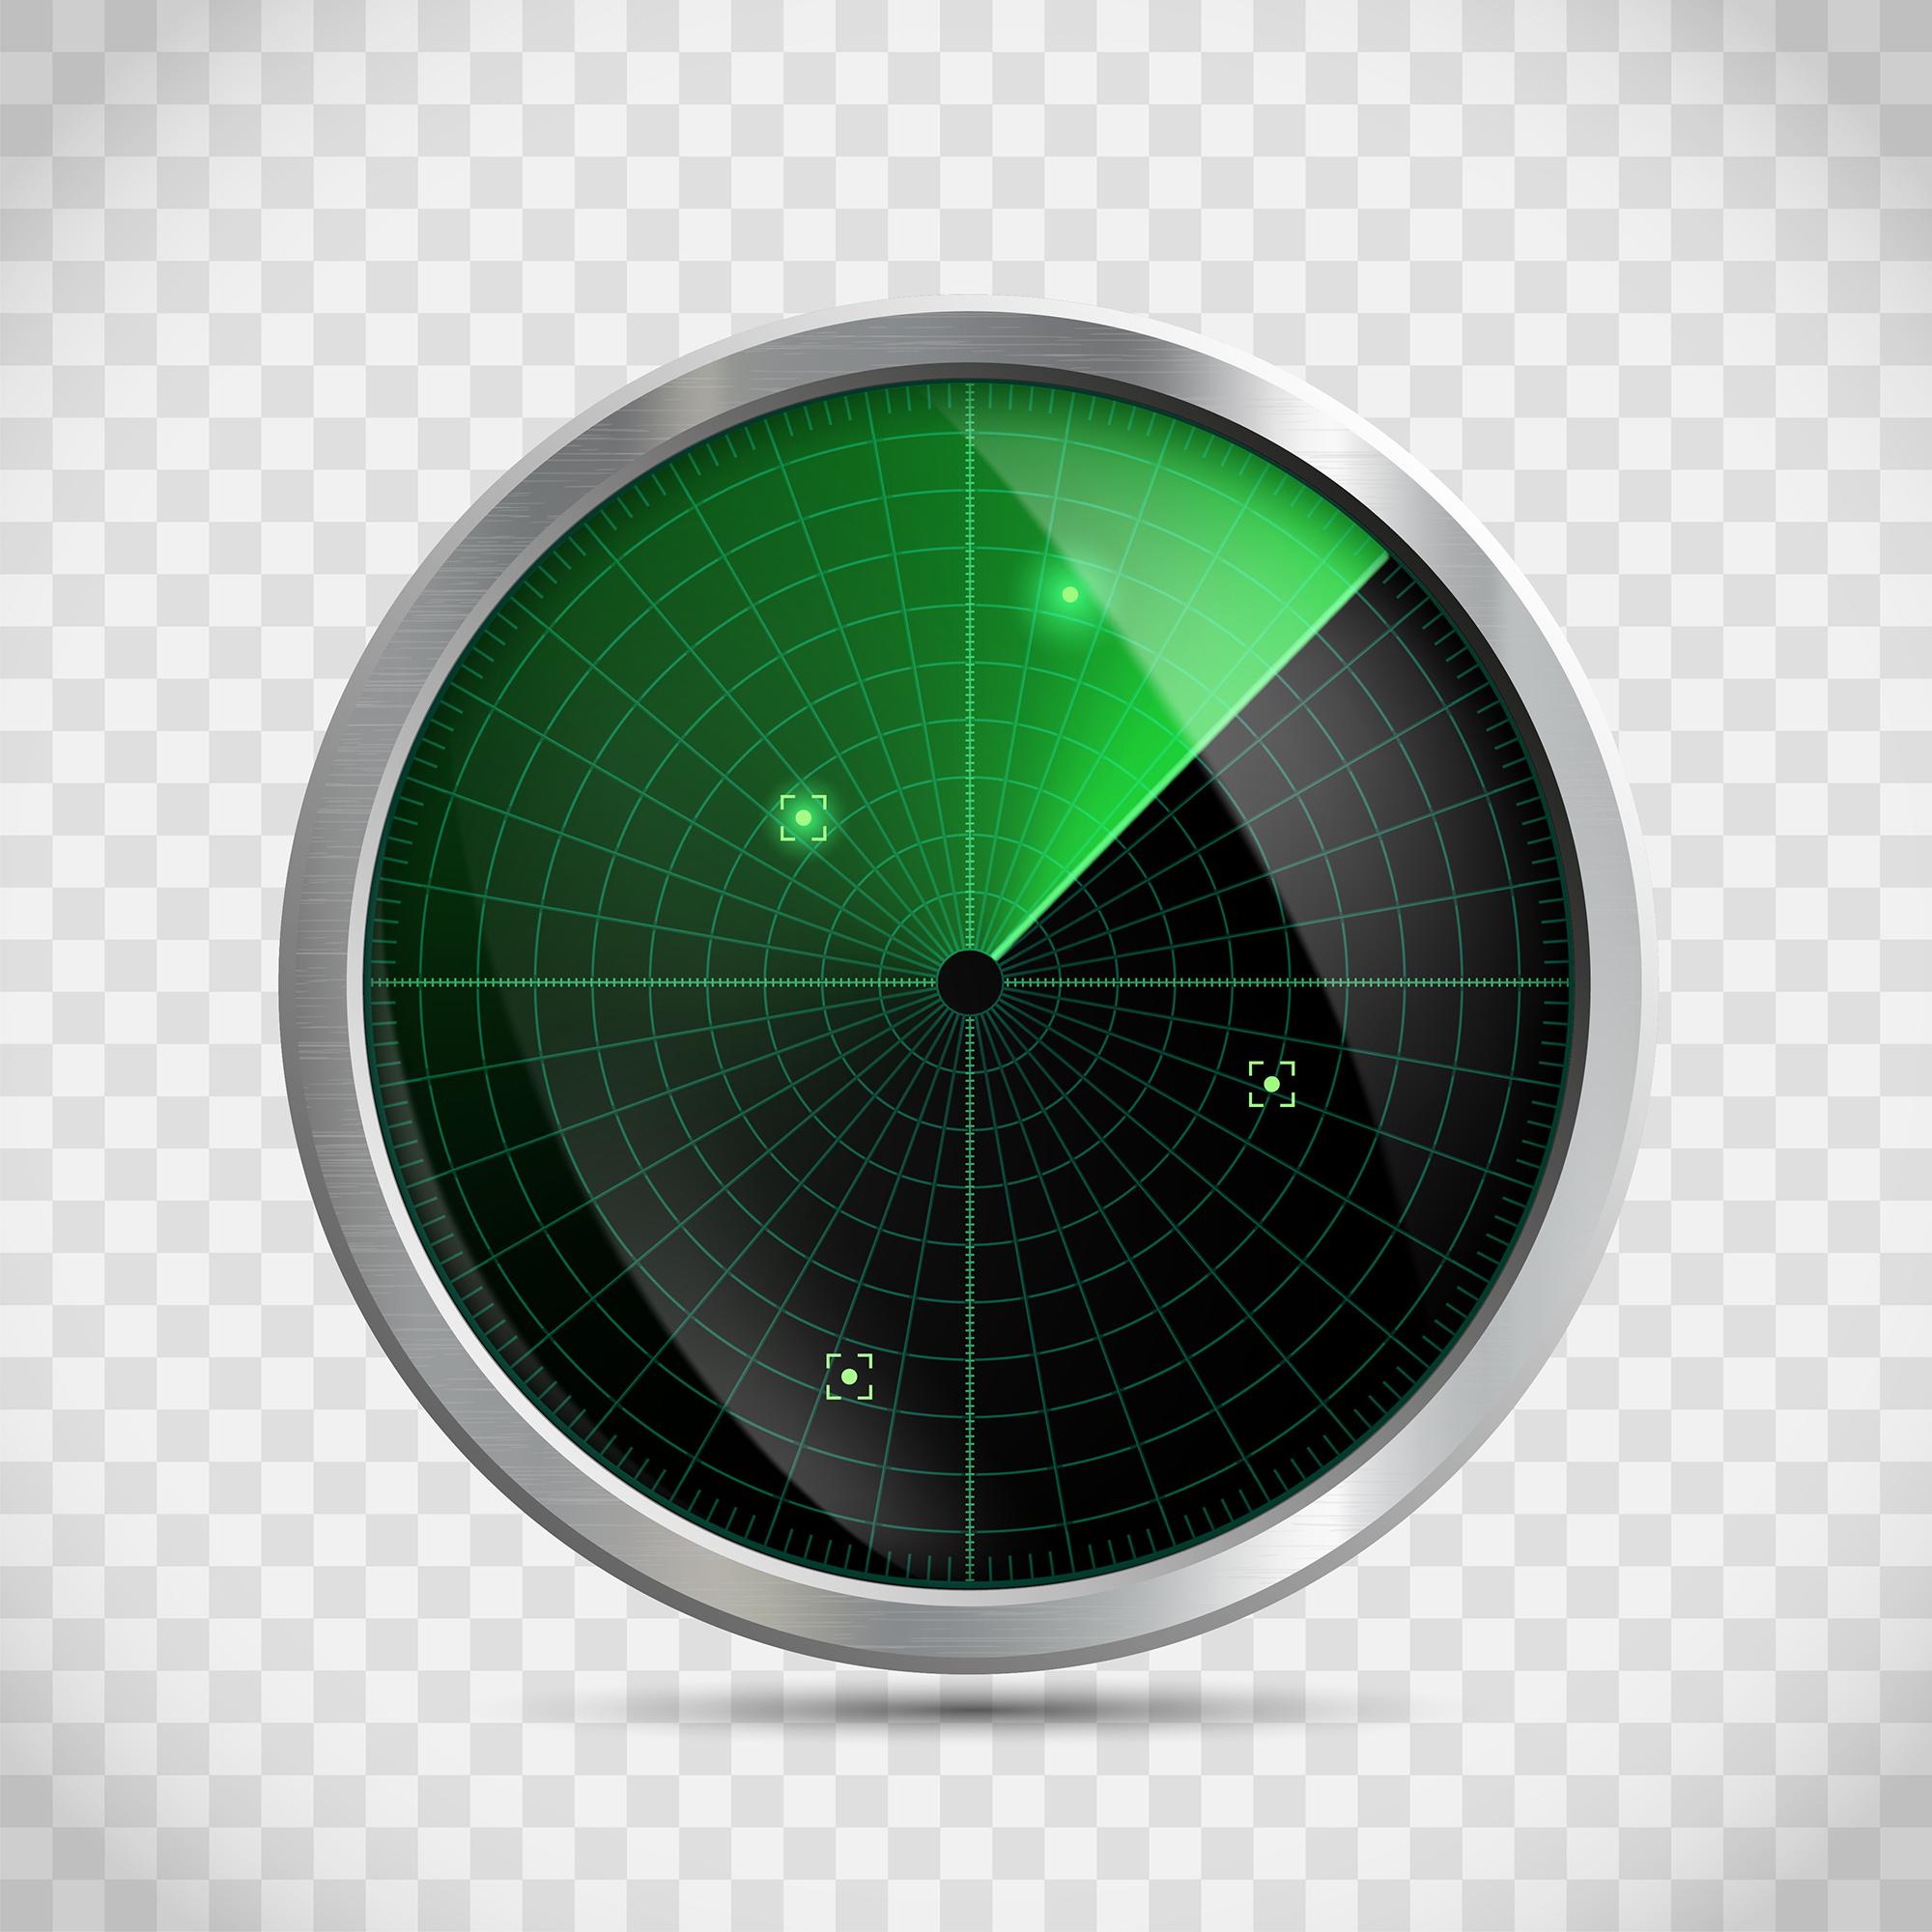 Using-a-radar-detector